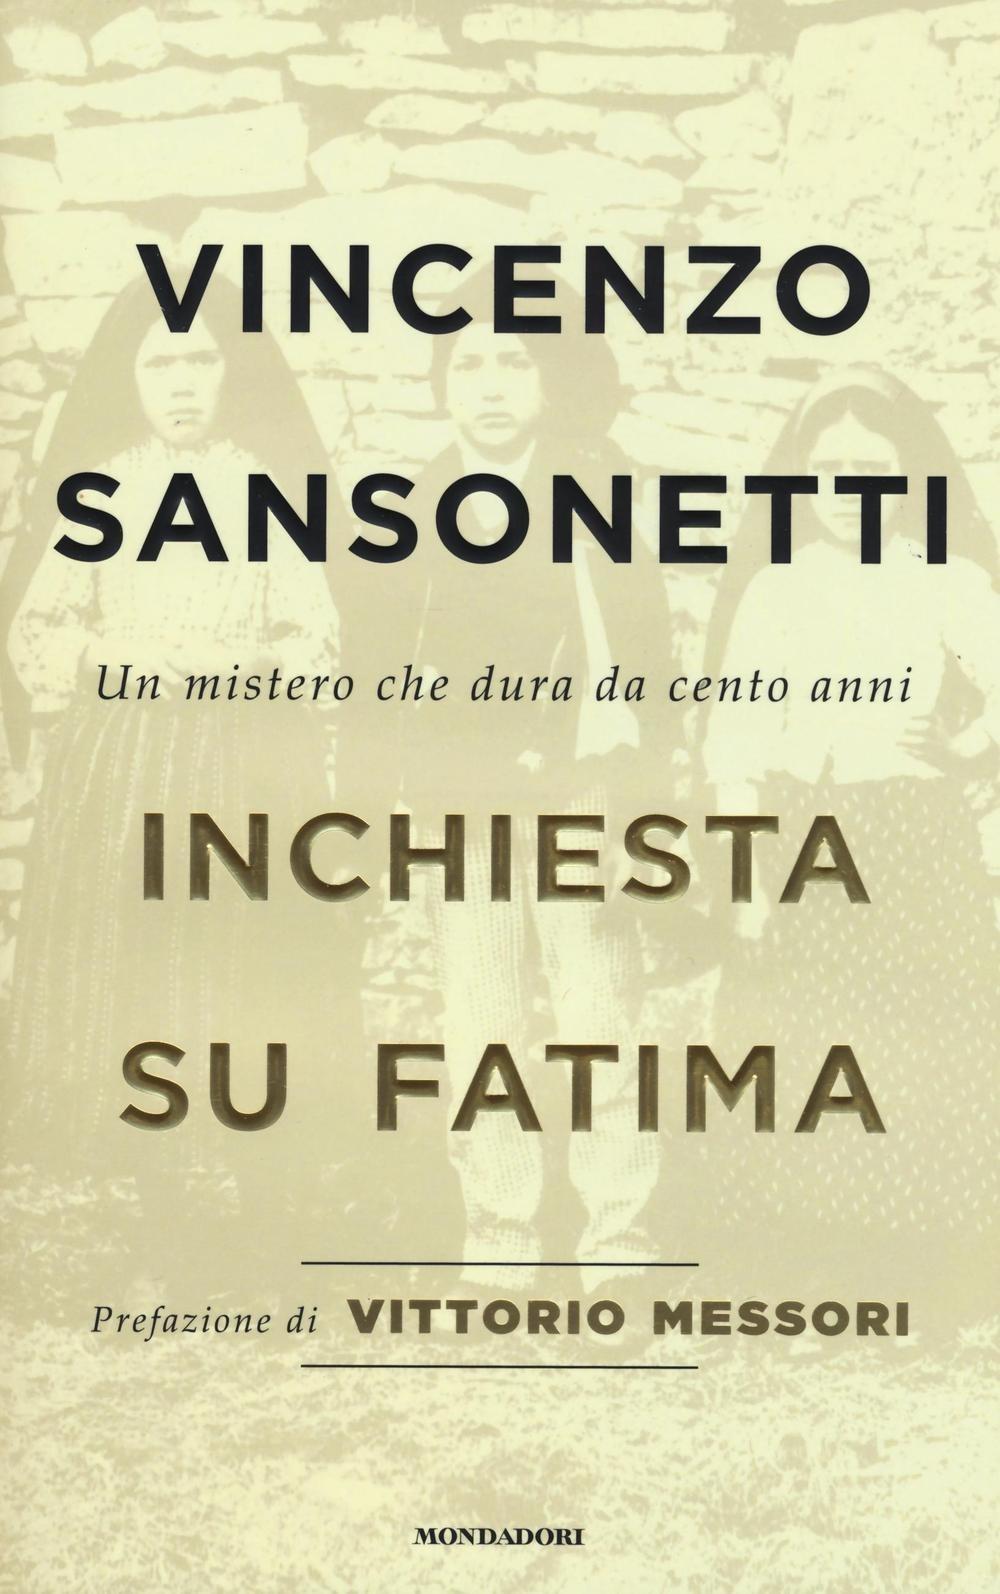 Vincenzo Sansonetti